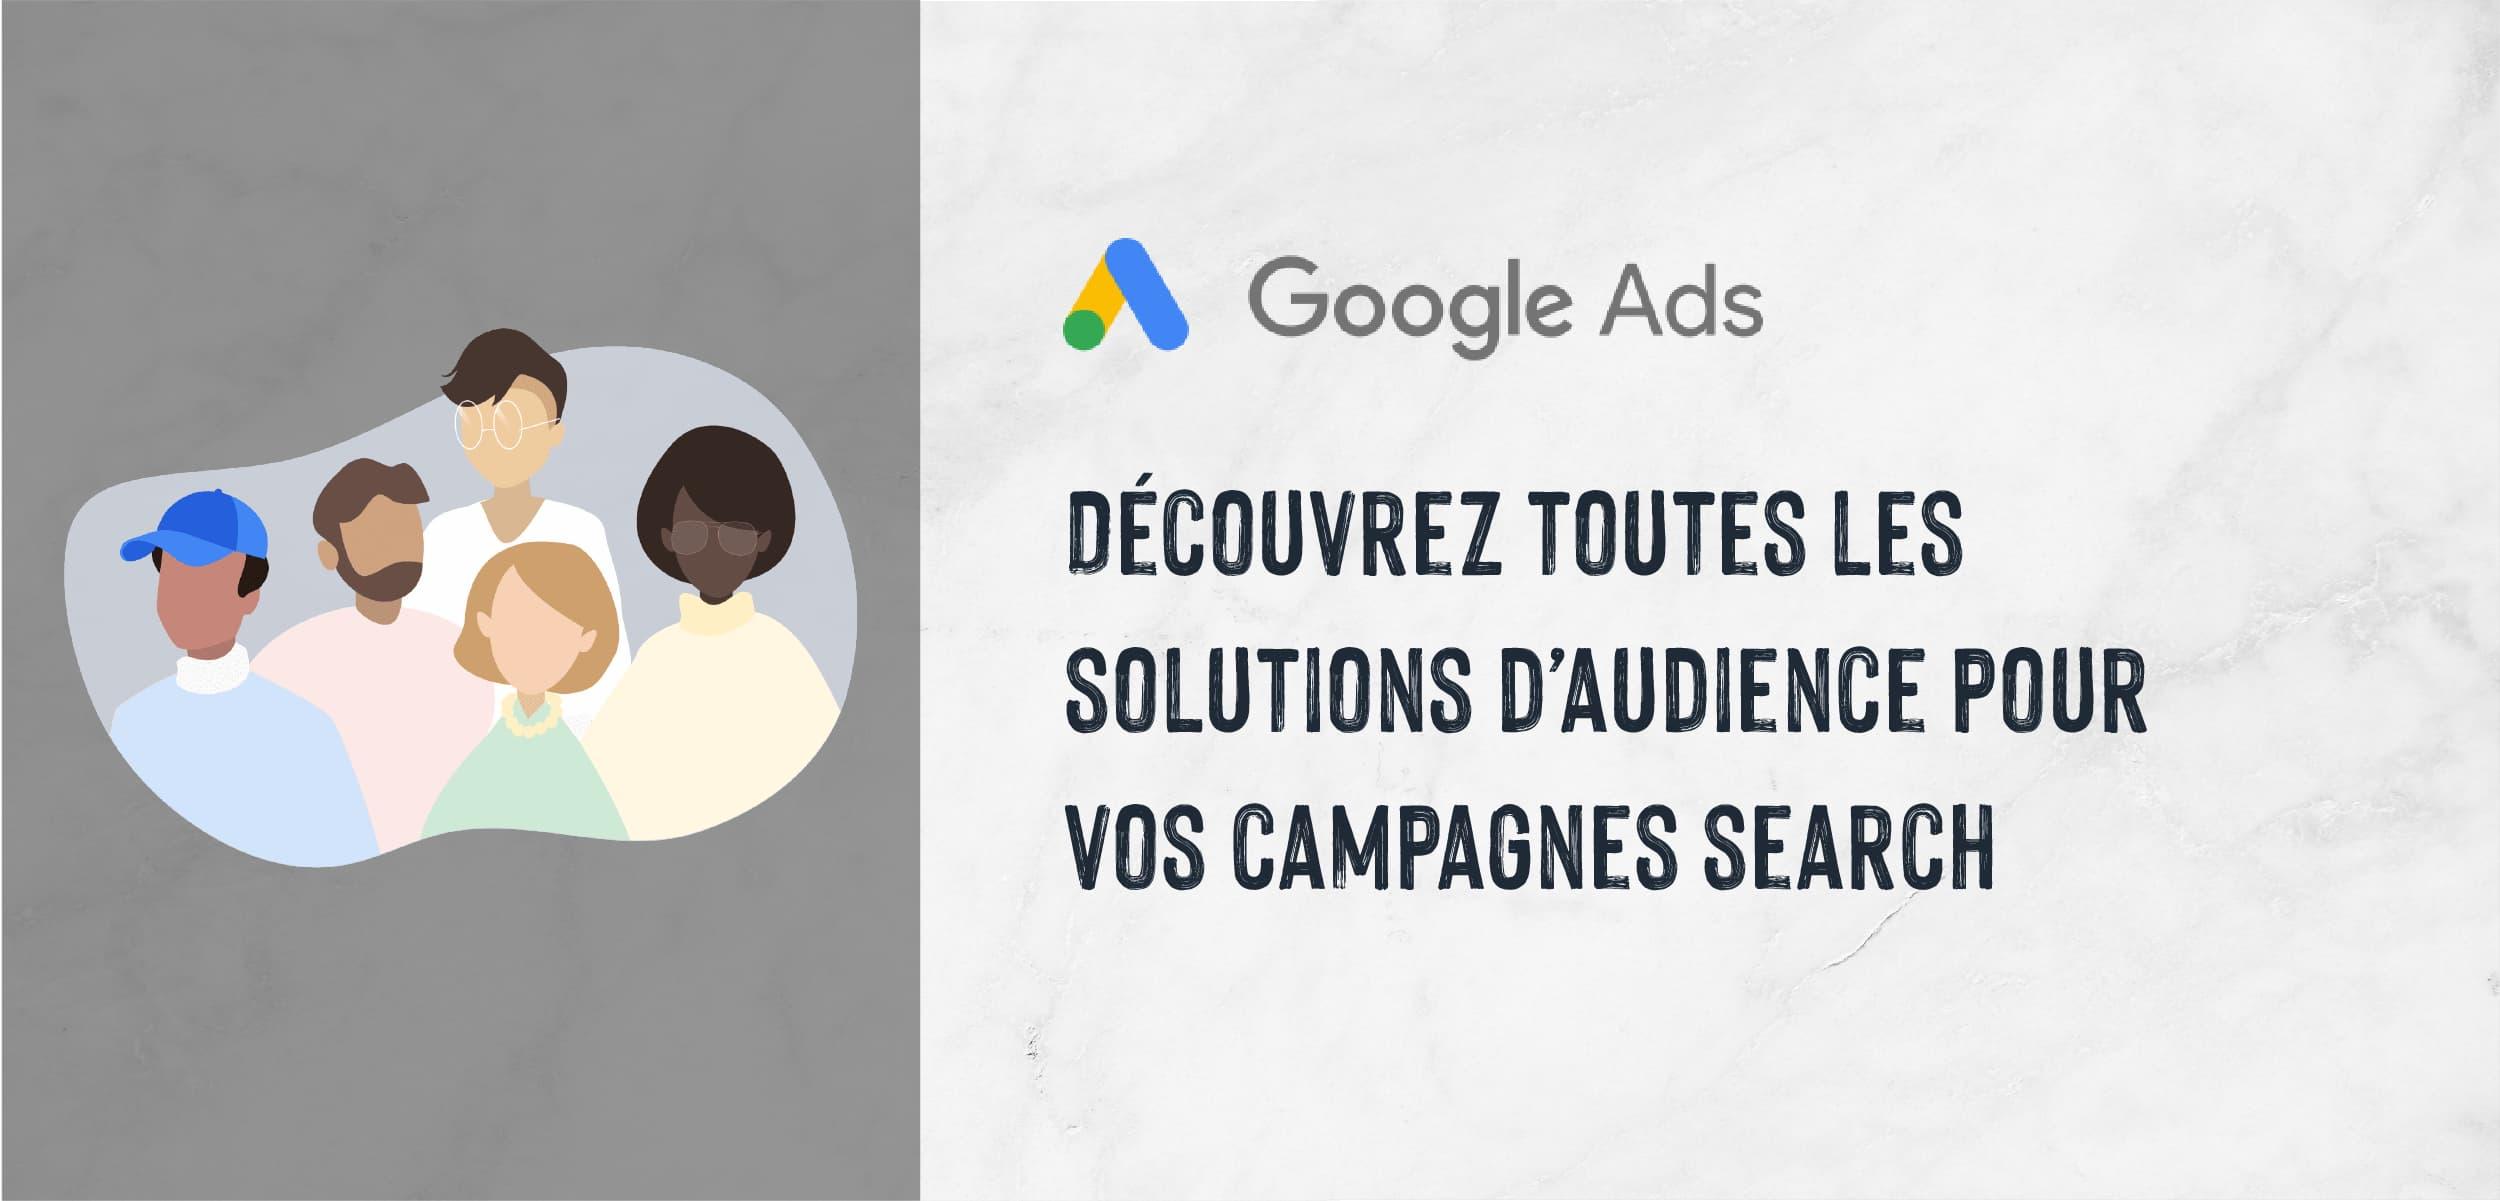 |Search Ads| Toutes les solutions d'audience pour le Search